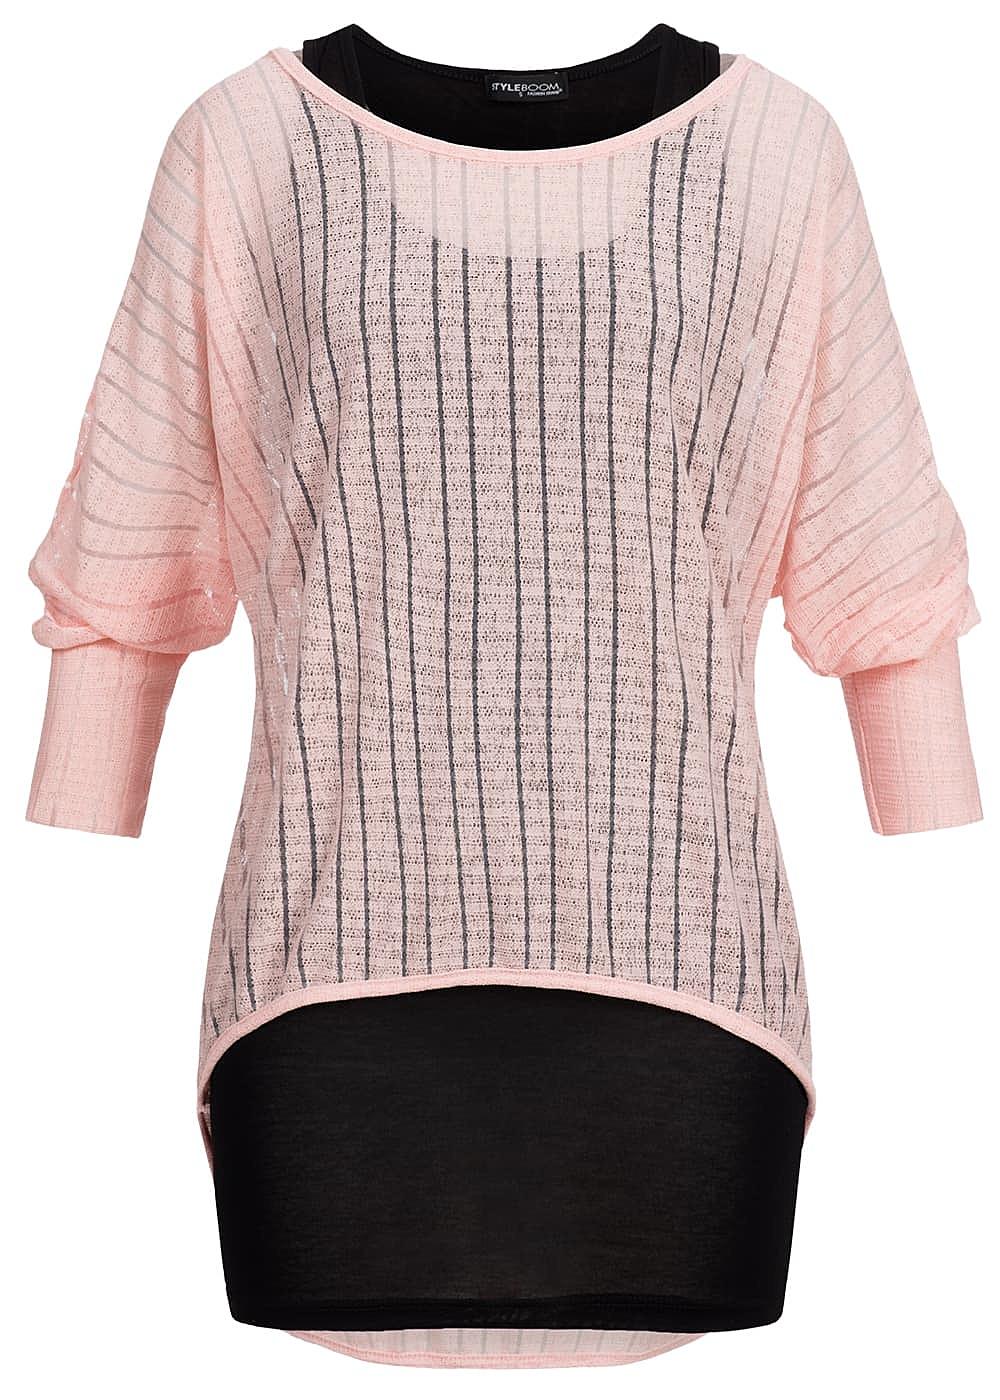 Styleboom Fashion Damen 2in1 Fledermaus Shirt leicht transp gestreift rosa  schwarz